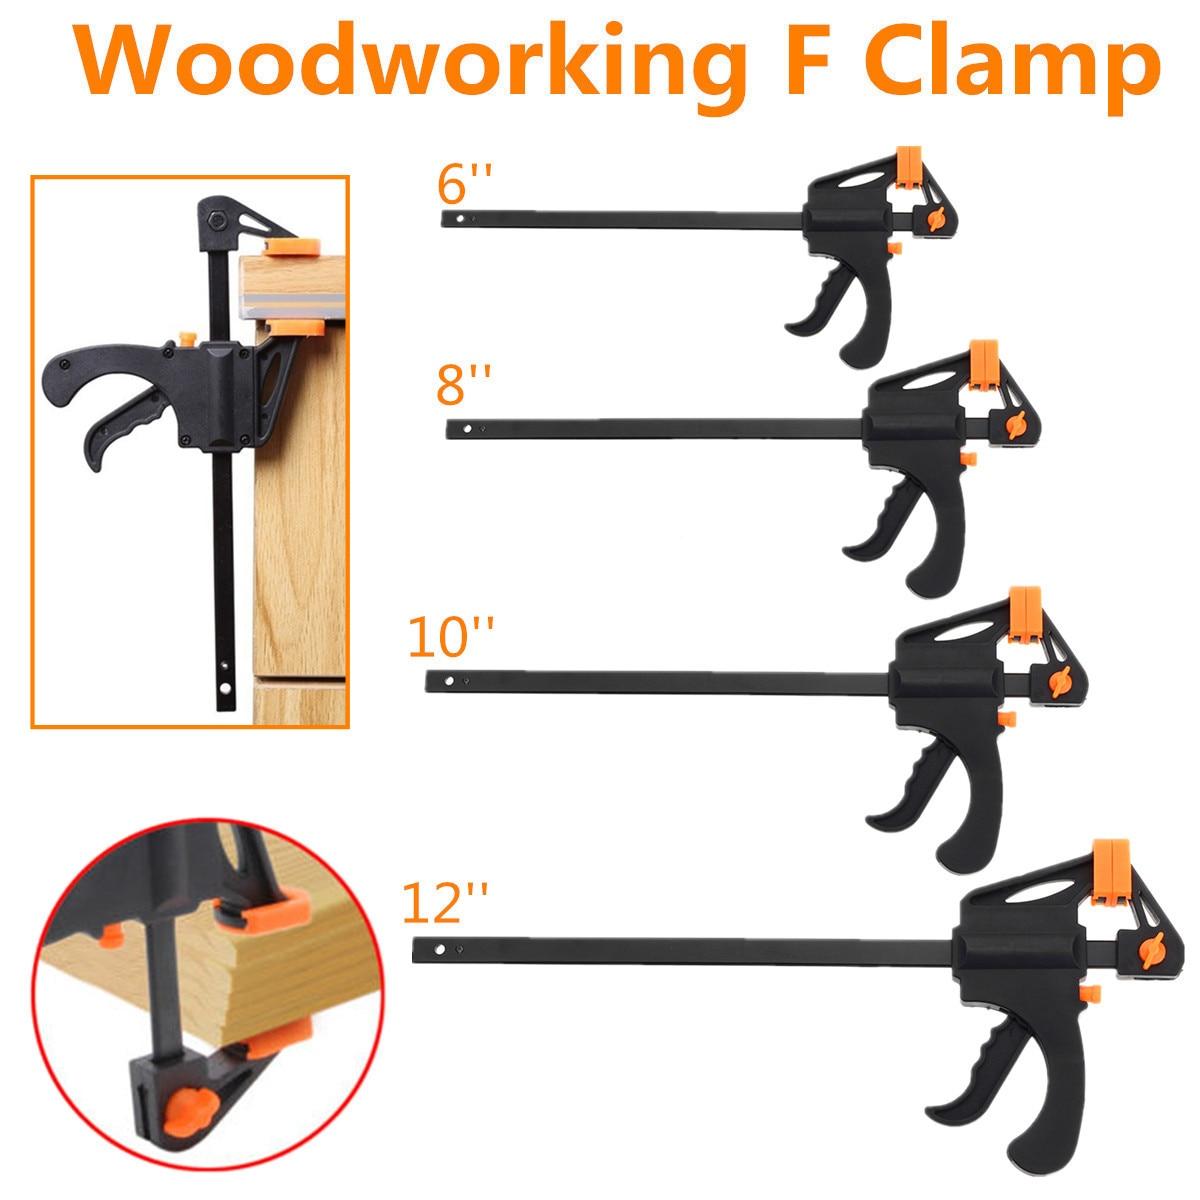 Штанга для обработки древесины, F-образный зажим, рукоятка с храповым механизмом 6/8/10/12 дюйма, сжатие, ручной инструмент, более практичная вер...